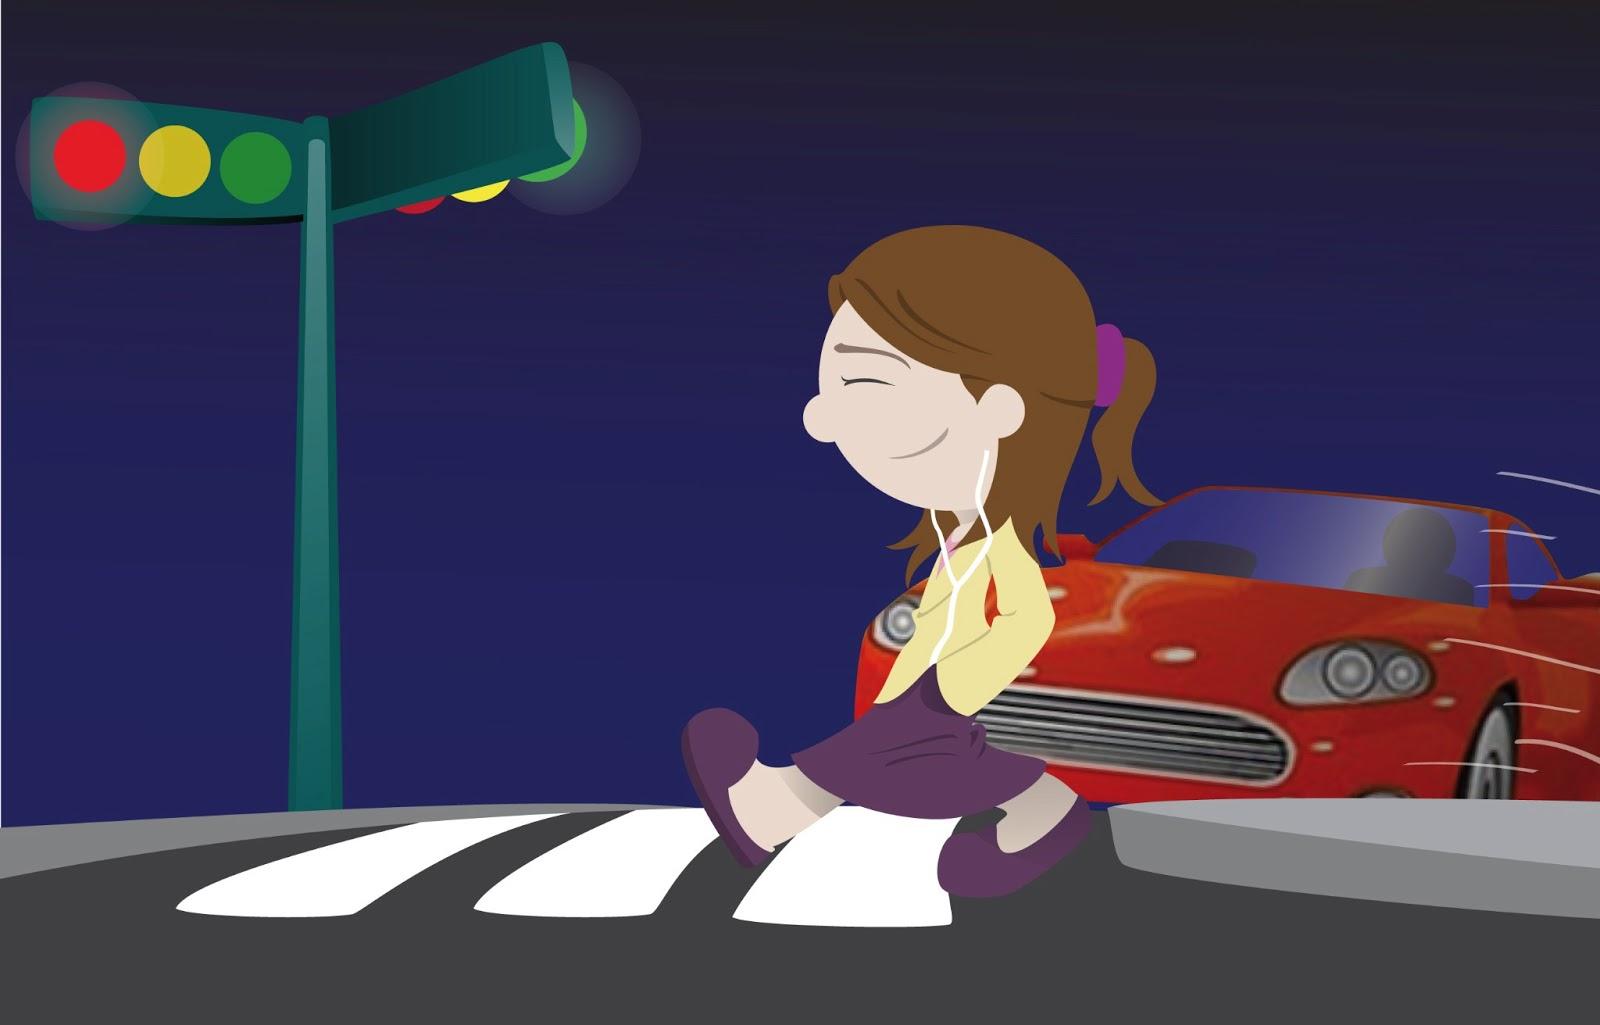 Para prevenir los accidentes es necesario respetar las reglas de